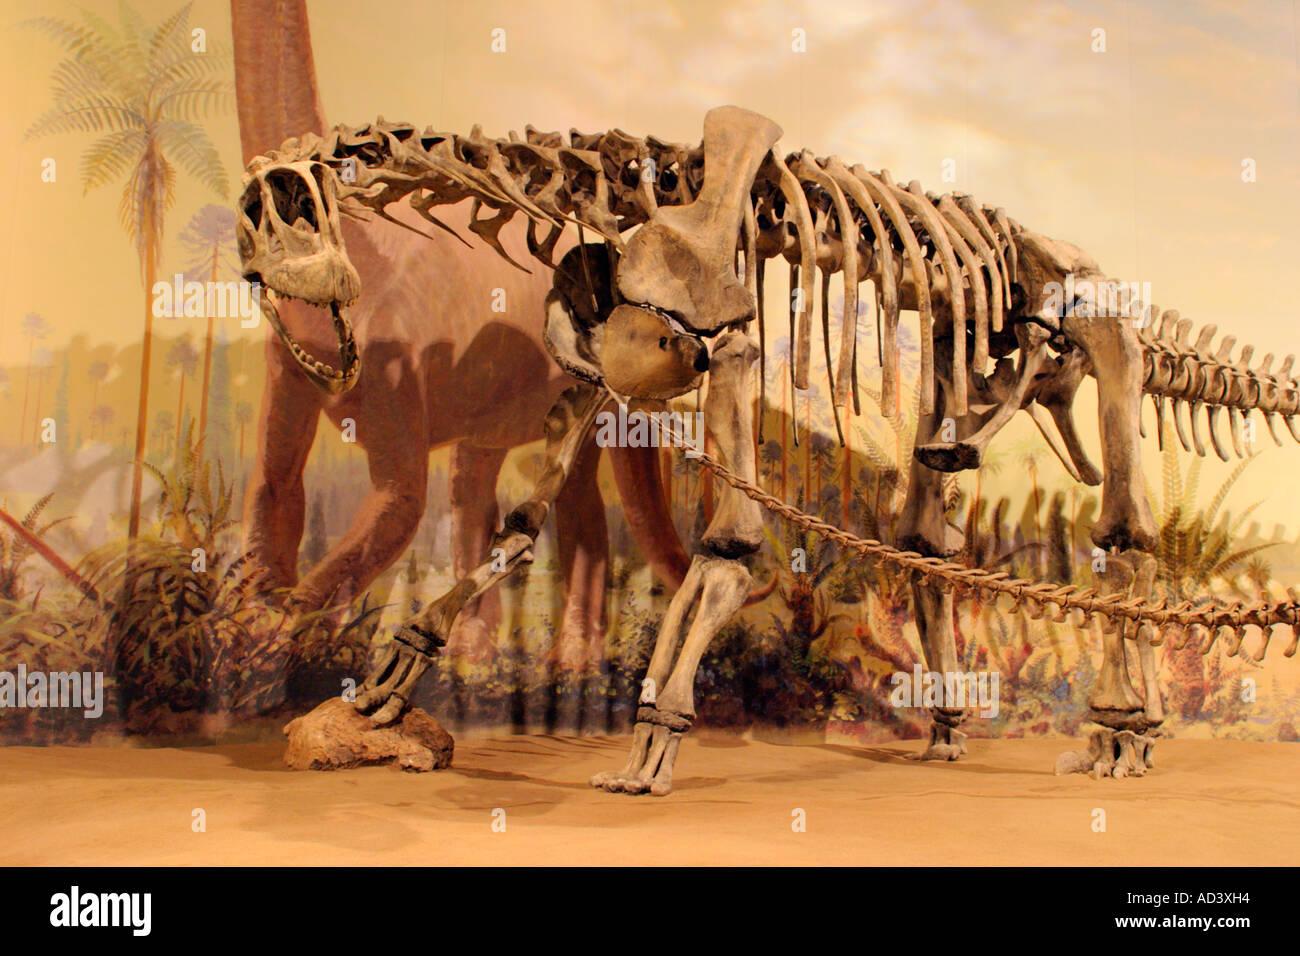 Lifesize replica de la structure du squelette de dinosaure Camarasaurus du Royal Tyrrell Museum, Drumheller, Alberta, Canada. Banque D'Images